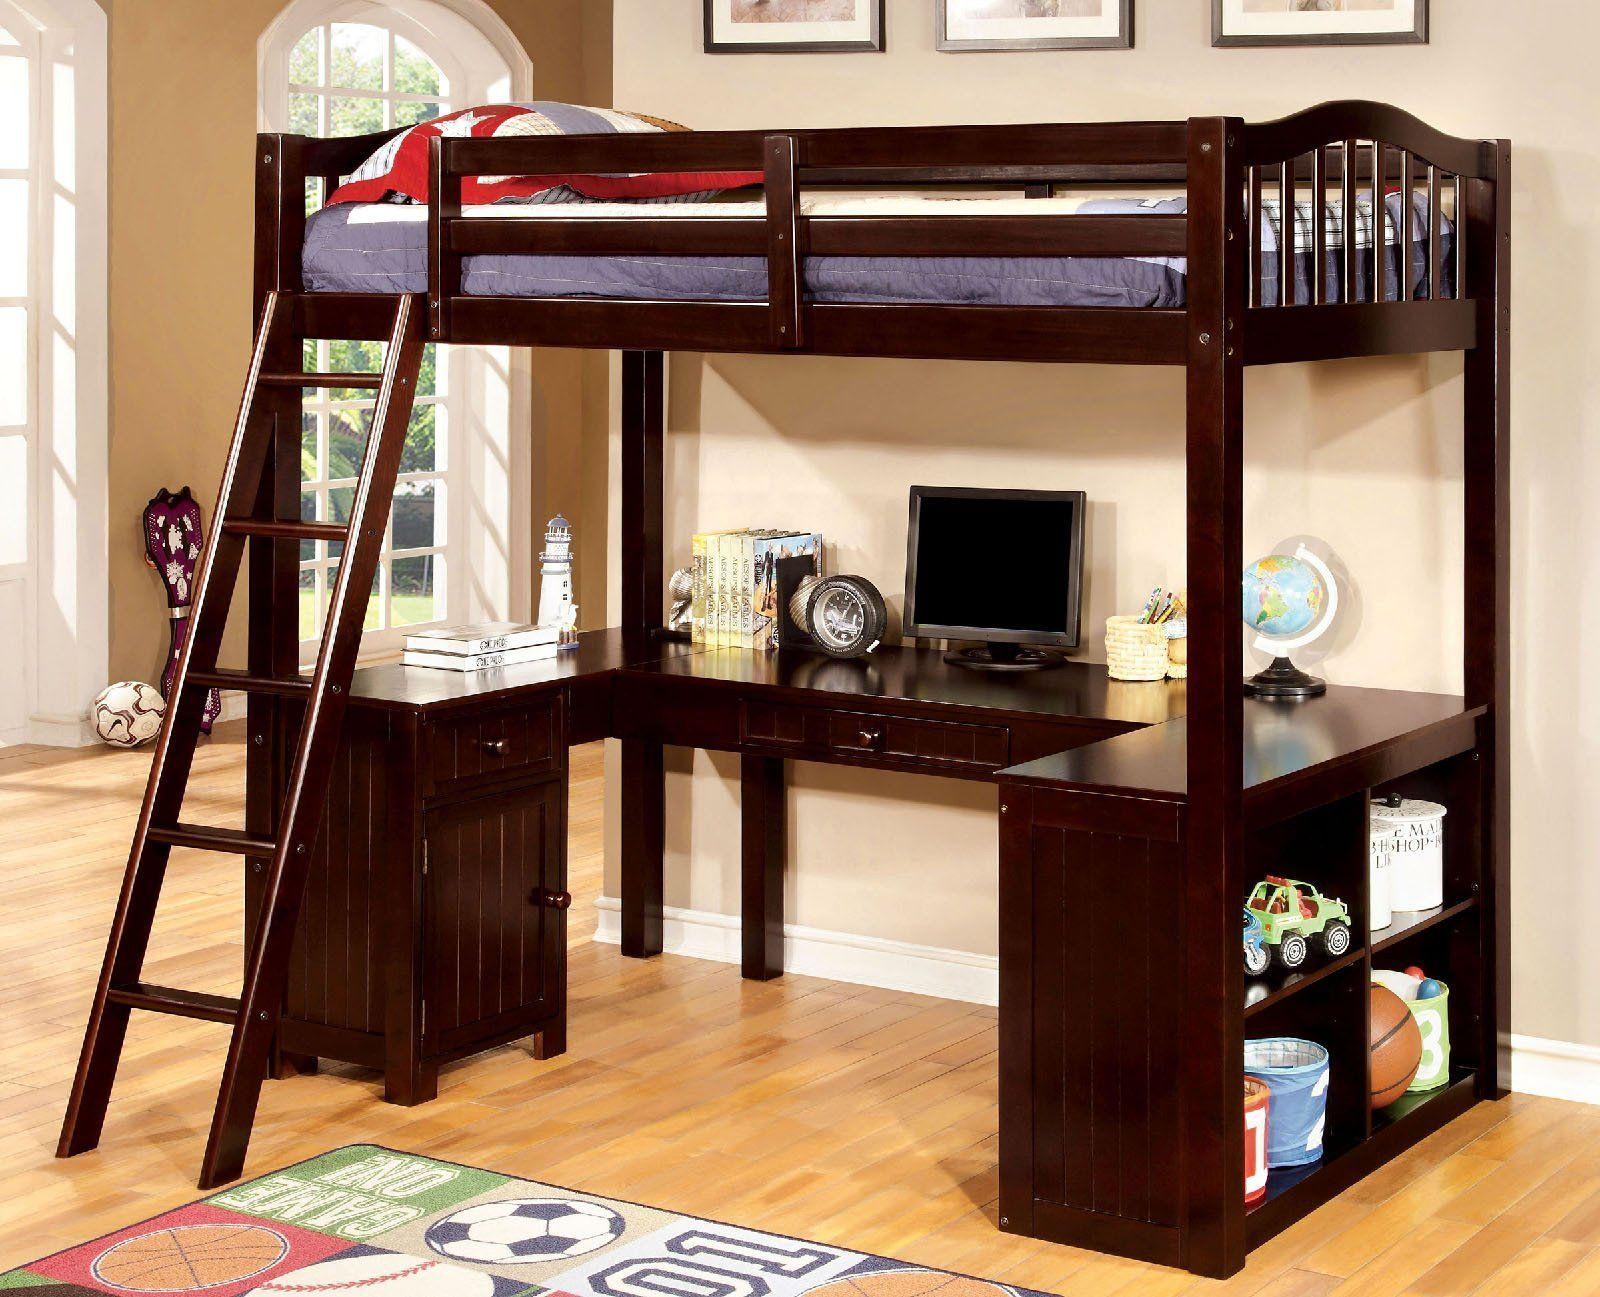 Loft bed underneath ideas  Dutton Cottage Loft Beds  Kids Room Ideas  Pinterest  Lofts